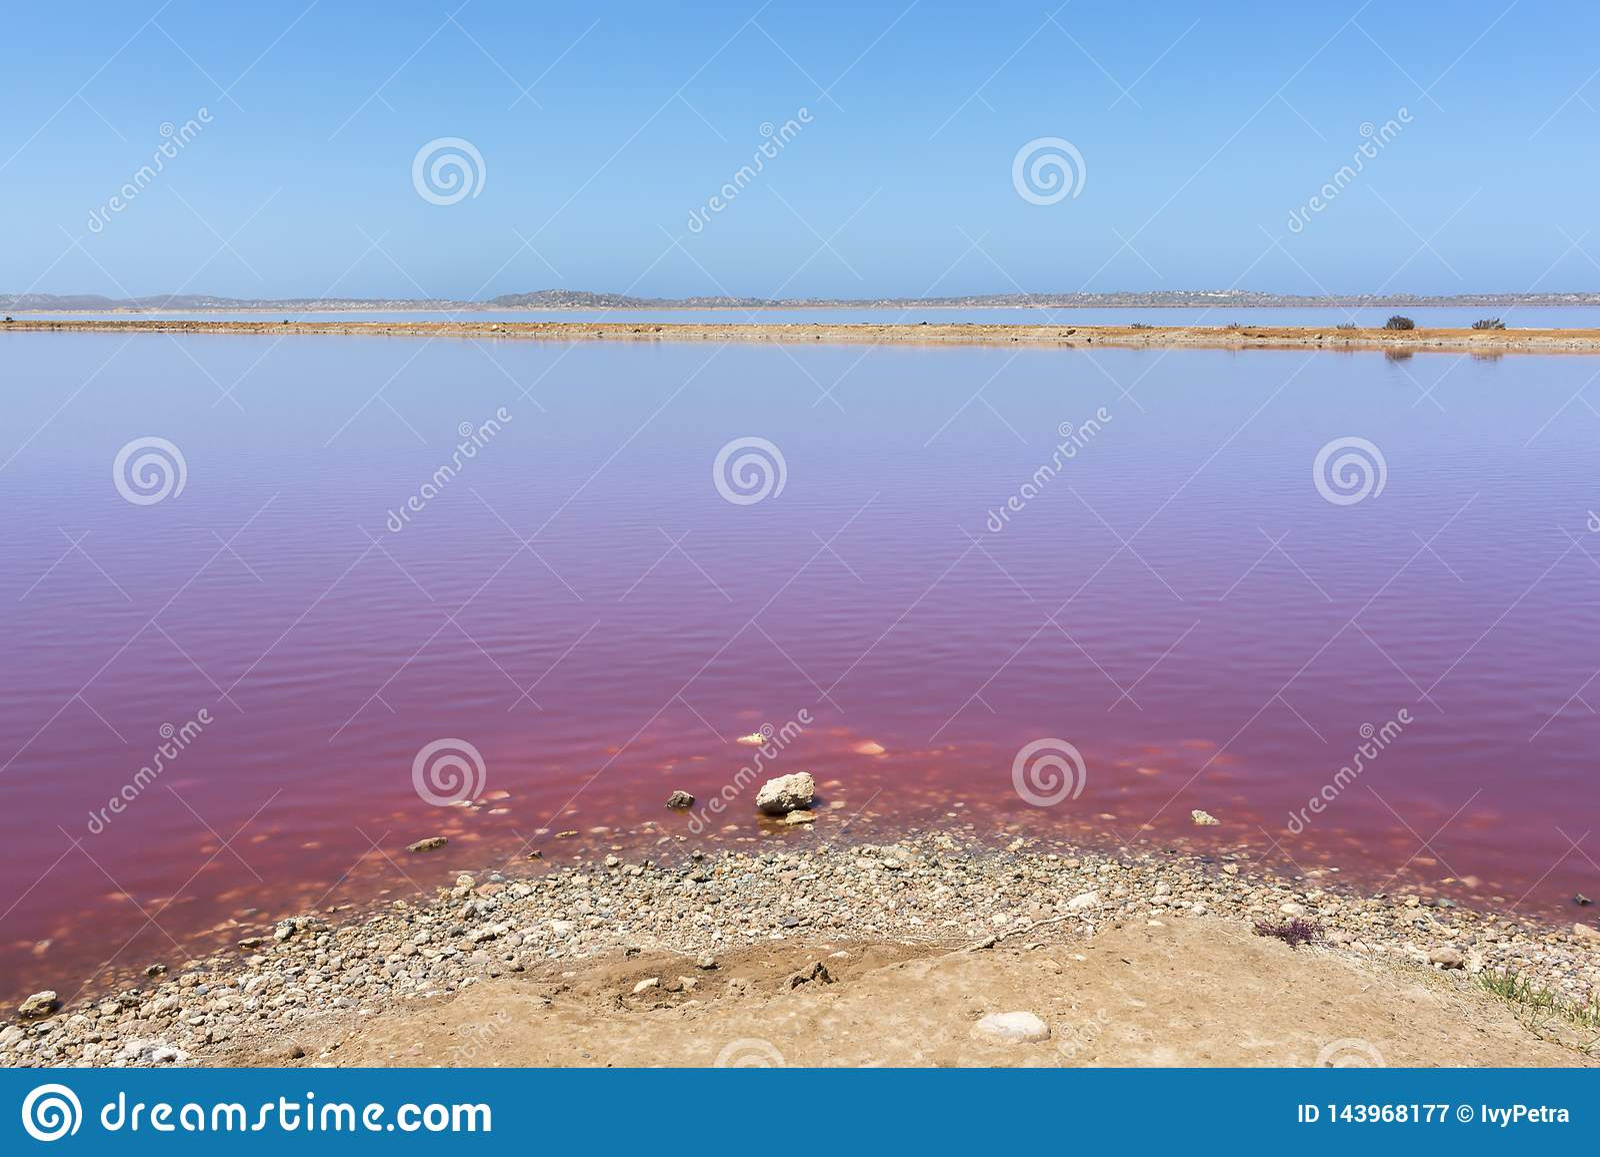 R??owa jeziorna budy laguna przy Portowym Gregory, zachodnia australia, Australia